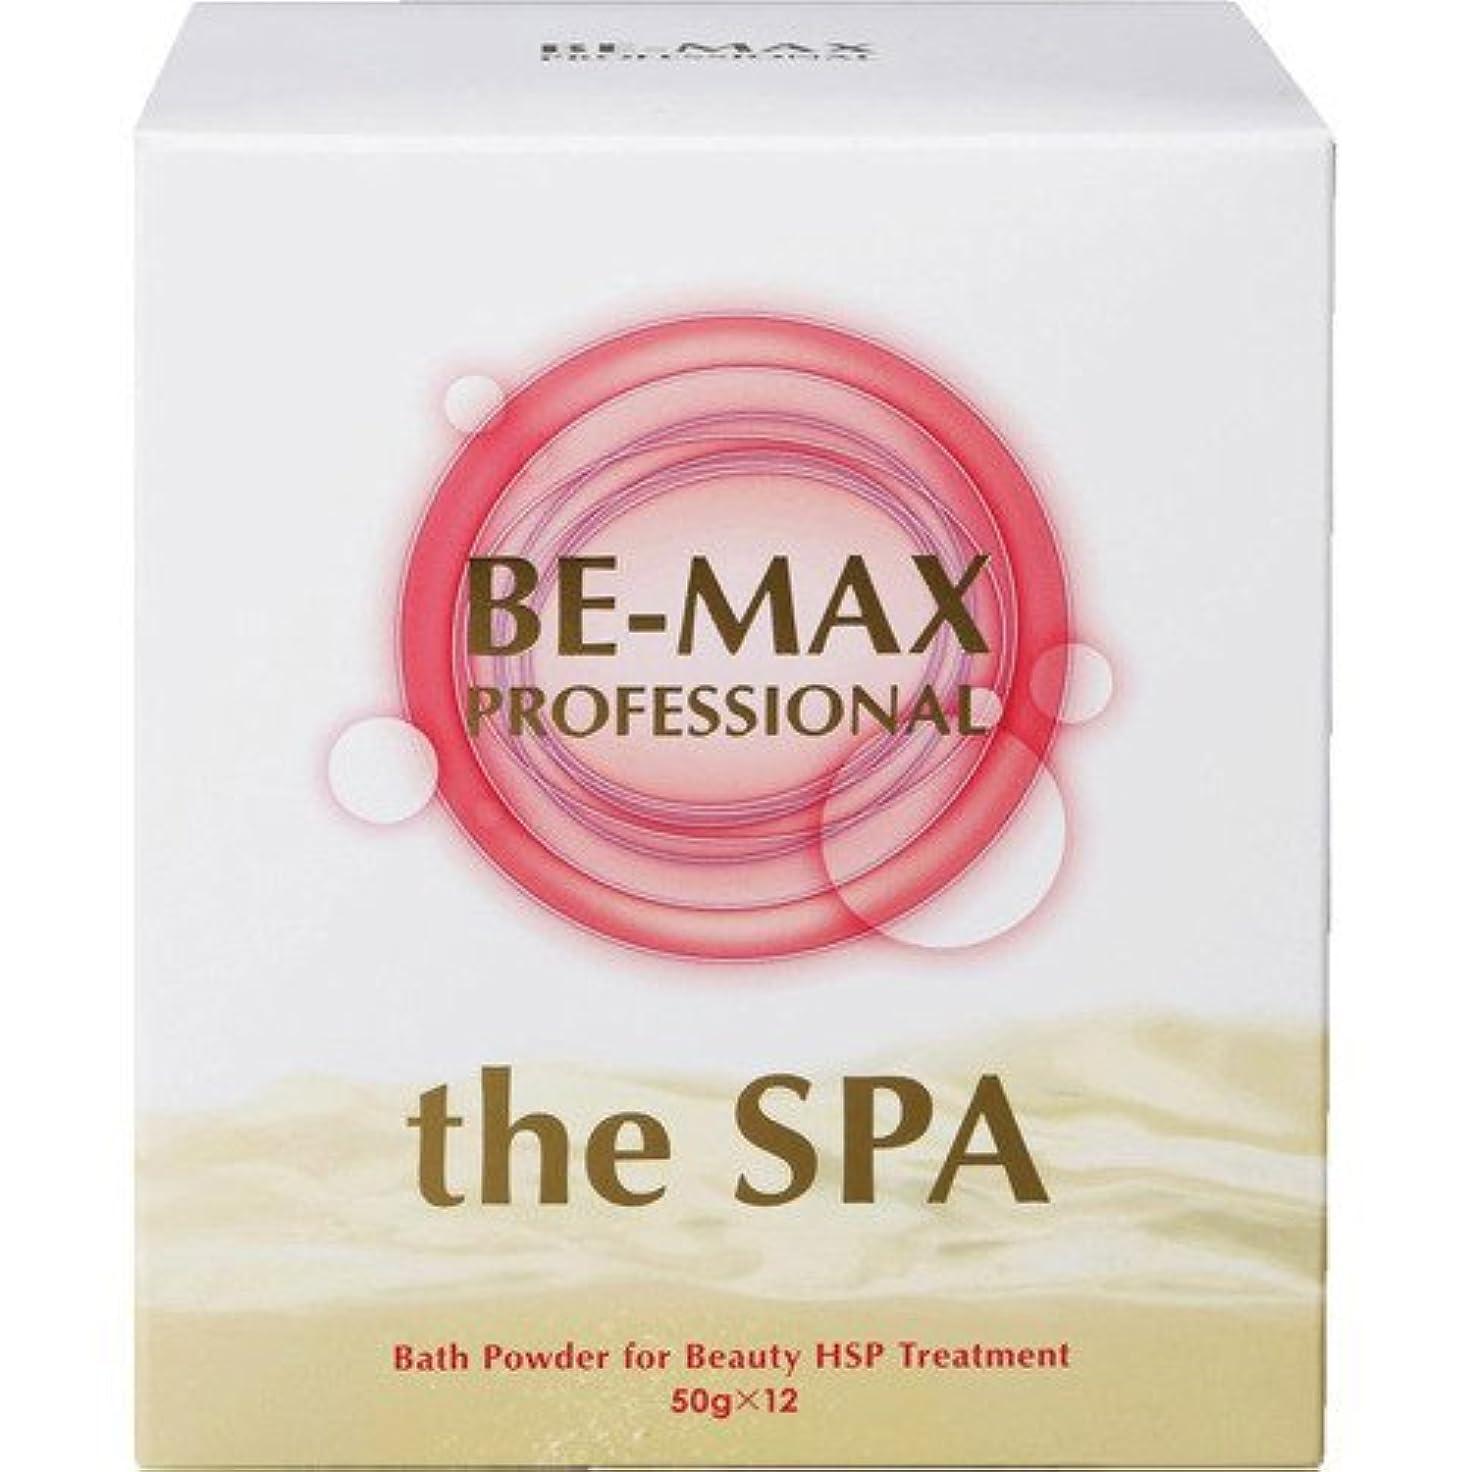 ご飯本質的ではないのためBE-MAX PROFESSIONAL the SPA(ザ?スパ) ビーマックスプロフェッショナル ザ?スパ バスパウダー 50gx12包 (4571132621587)